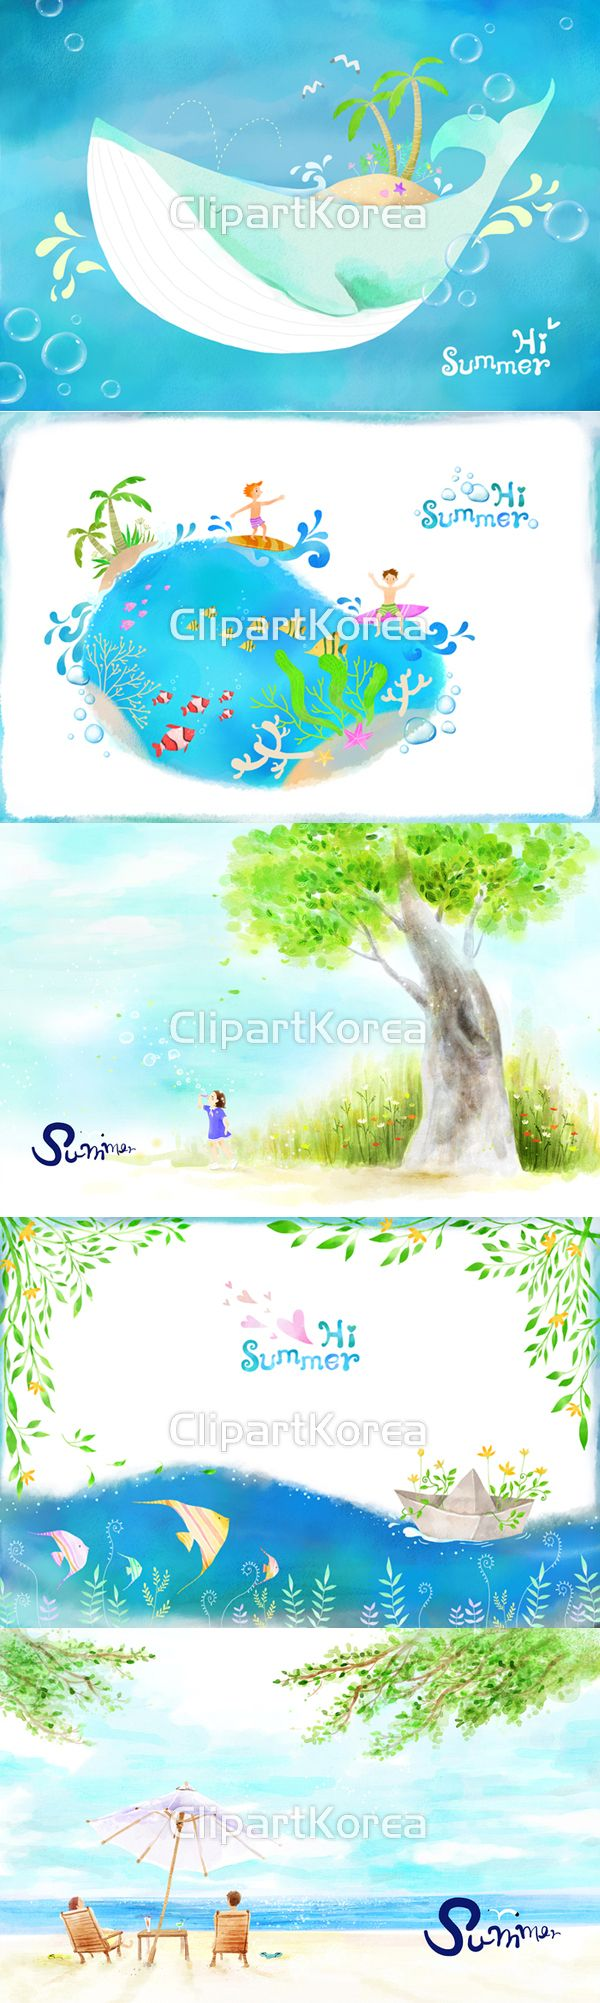 구름 꽃 나무 라이프스타일 백그라운드 비누방울 수채화 식물 어린이 여름 방학 여행 일러스트 자연 컨셉 페인터 하늘 휴가 갈매기 계절 바다 사랑 여유 커플 파라솔 꽃 물고기 식물 하트 스포츠 야자수 해초 고래 섬 Cloud Flower Wood Lifestyle Background Soap bubble Watercolor Plant Children Summer Vacations Travel Illustration illust Nature Concept Painter Heaven Vacation Seagull Season Sea Love free Couple Parasol Fish Heart Sport Palm trees Seaweeds Whale Island 클립아트코리아 이미지투데이 통로이미지 clipartkorea imagetoday tongroimages